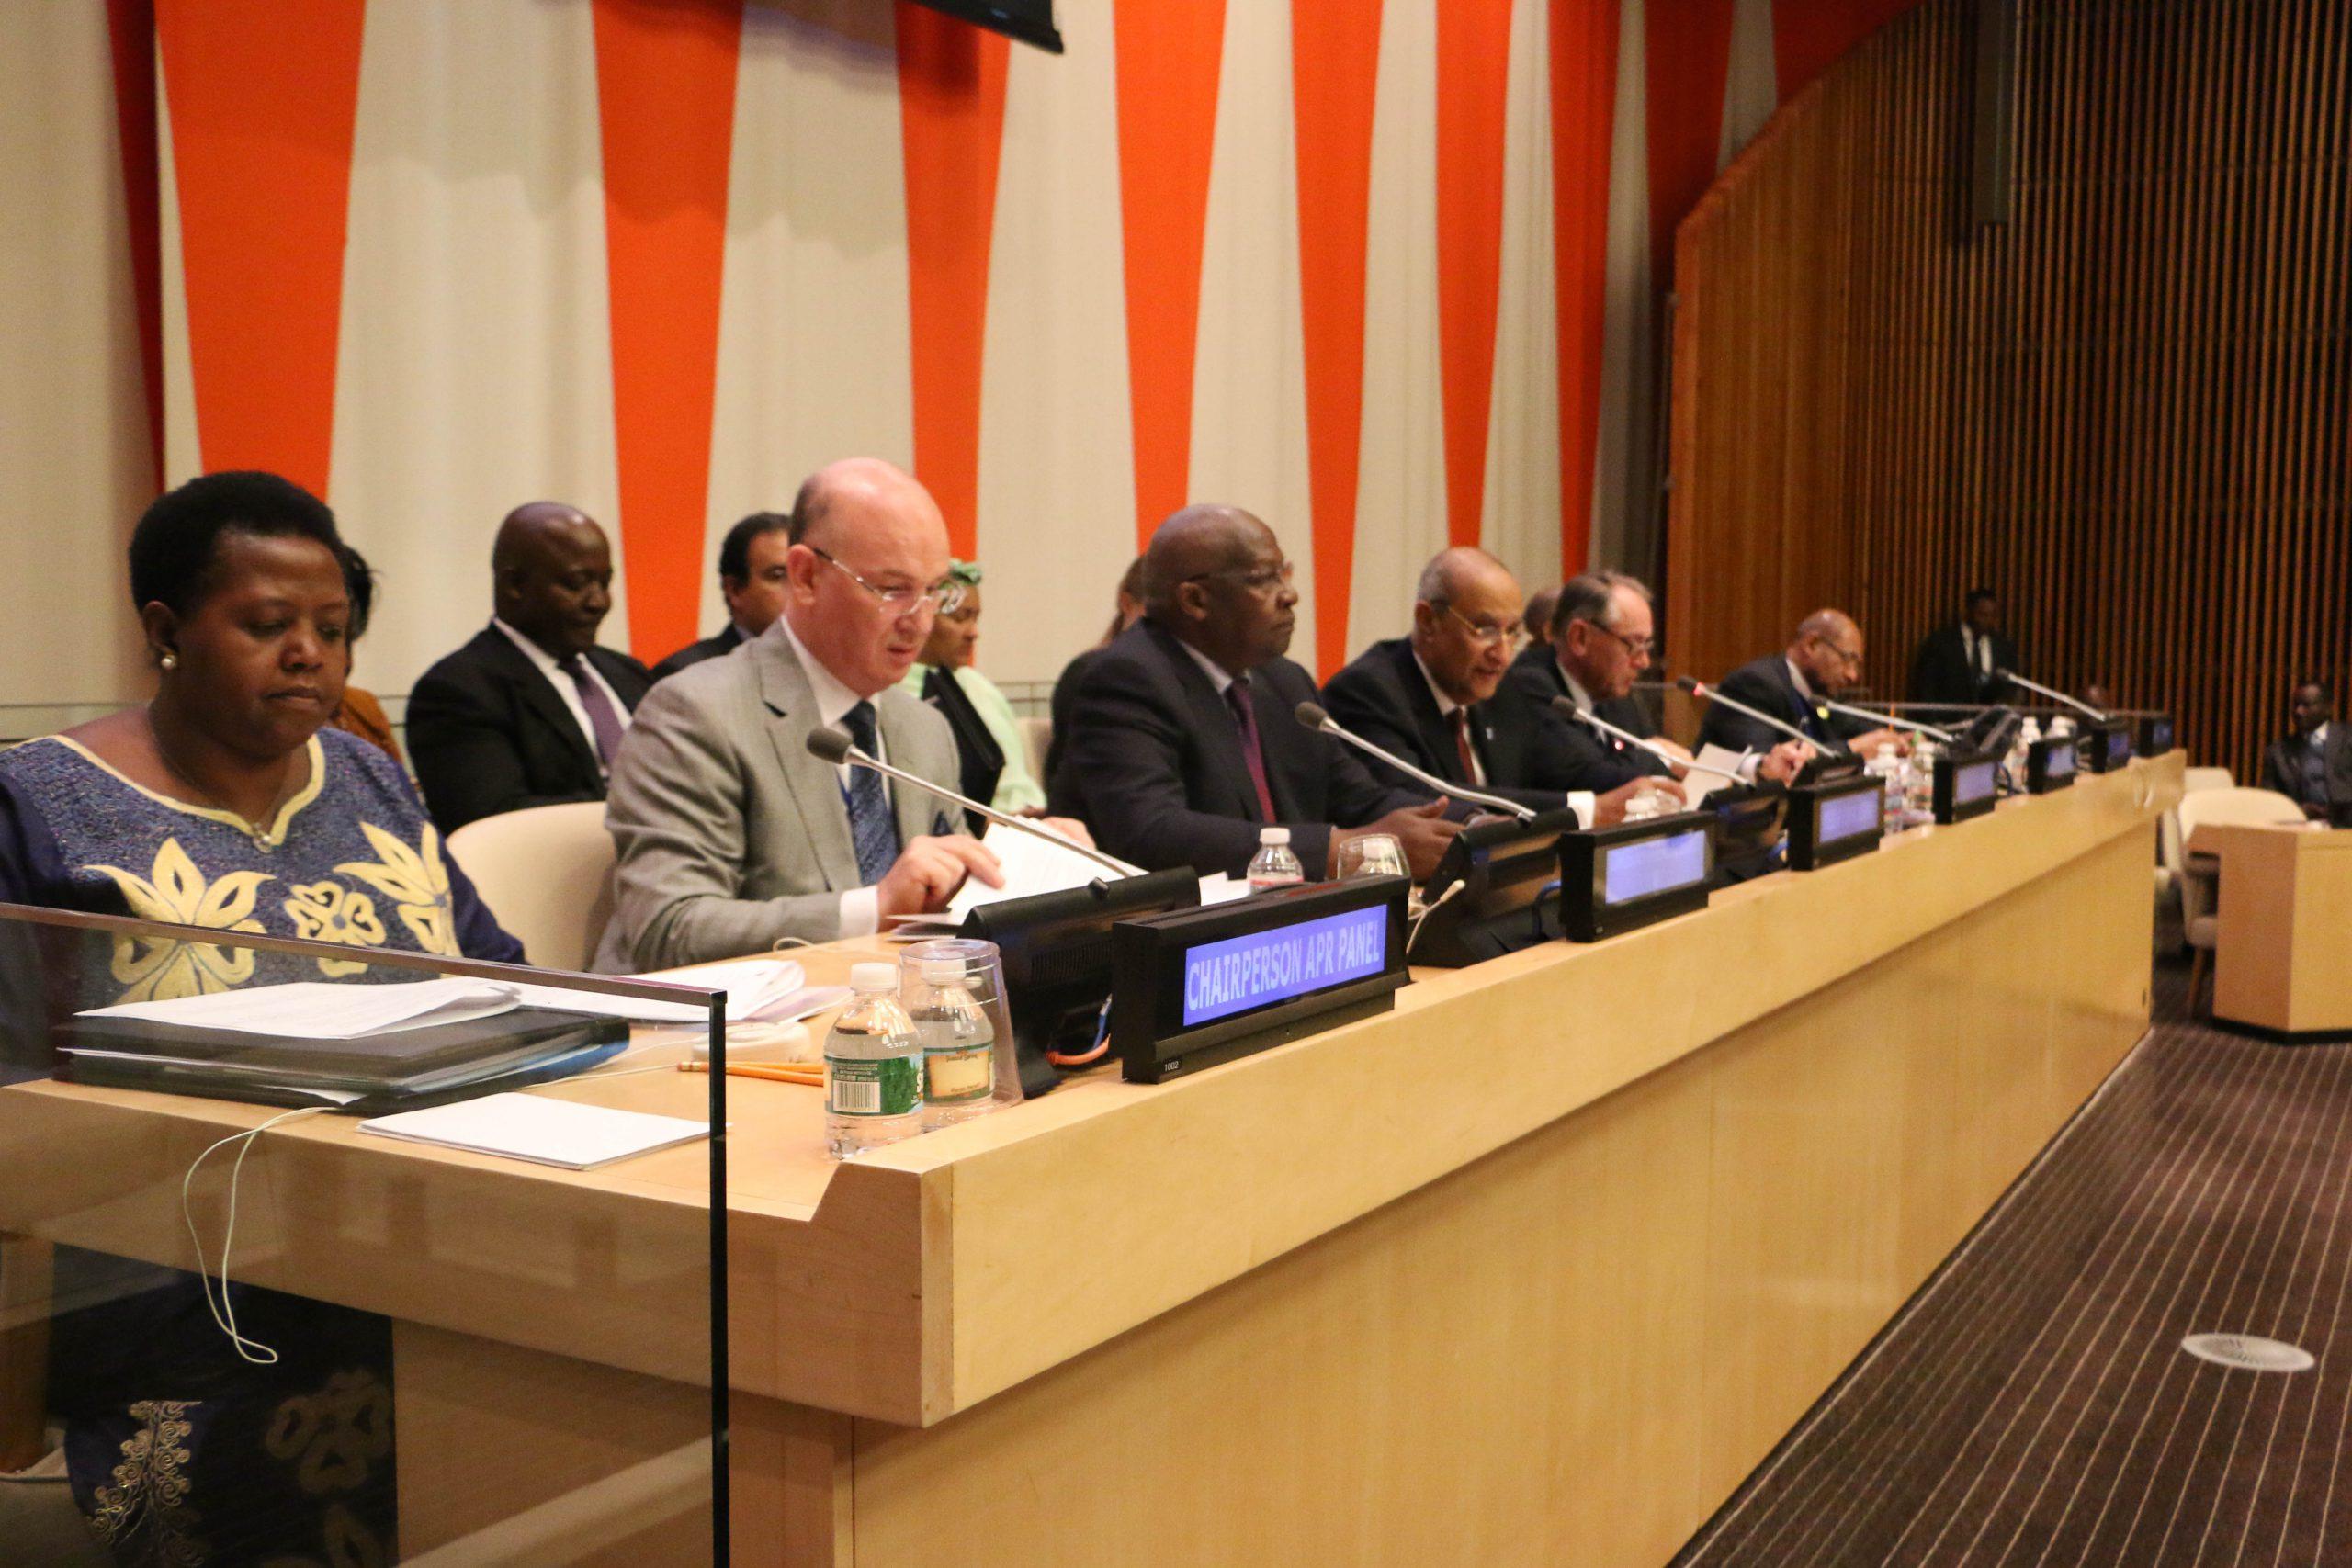 Mesa redonda 'The Africa We Want'. Sede de las Naciones Unidas, Nueva York. Octubre de 2014